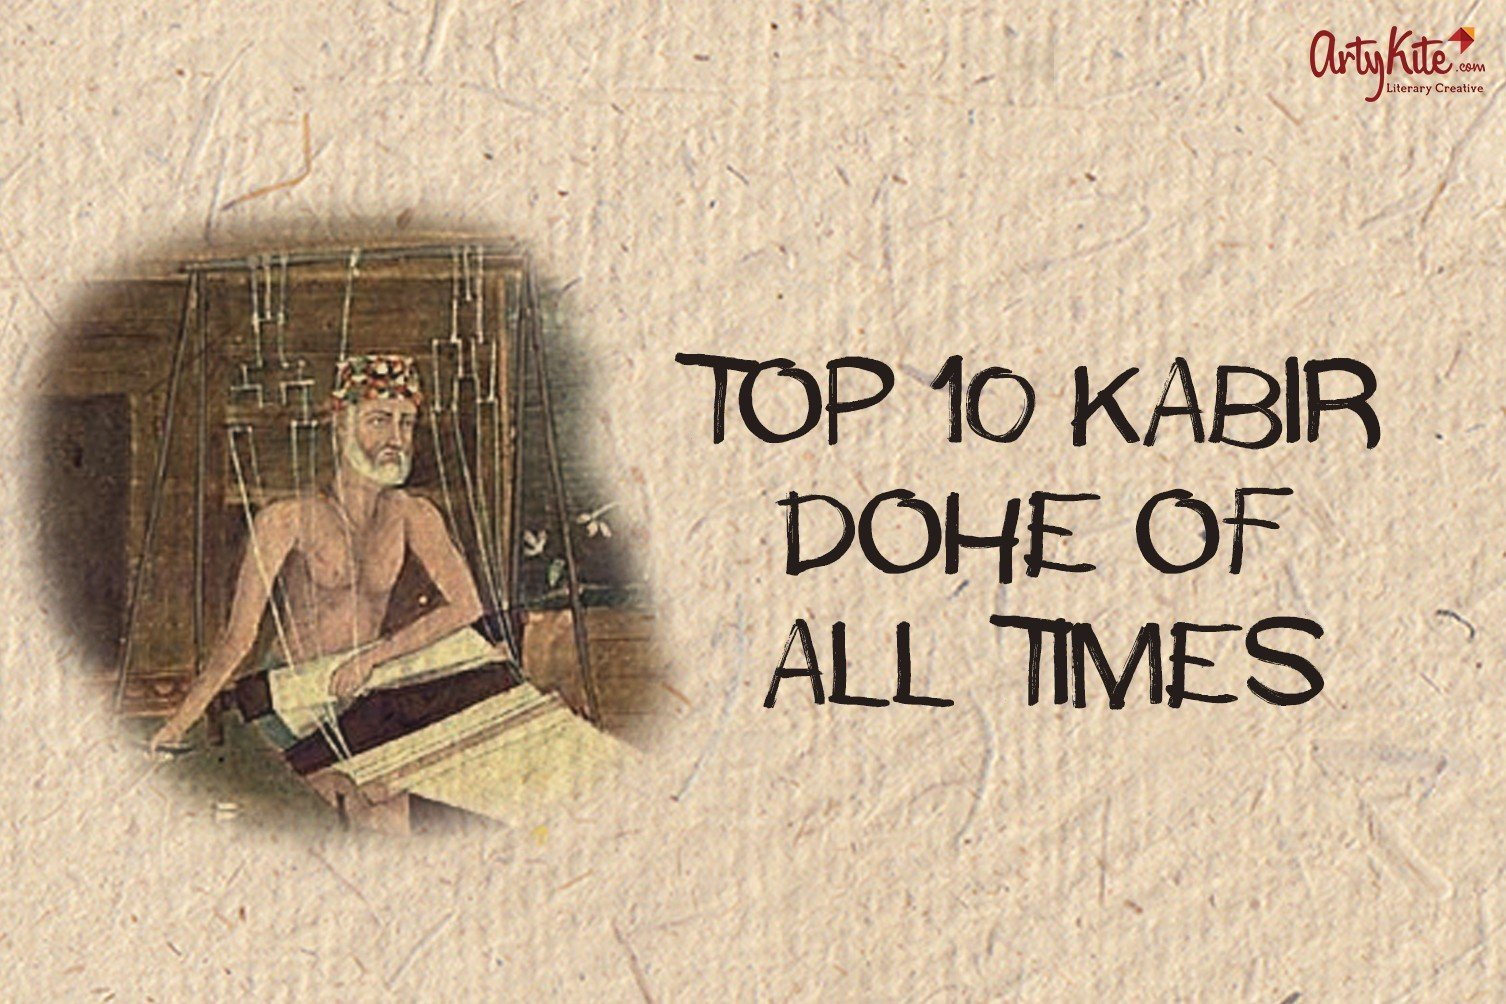 Kabir dohe